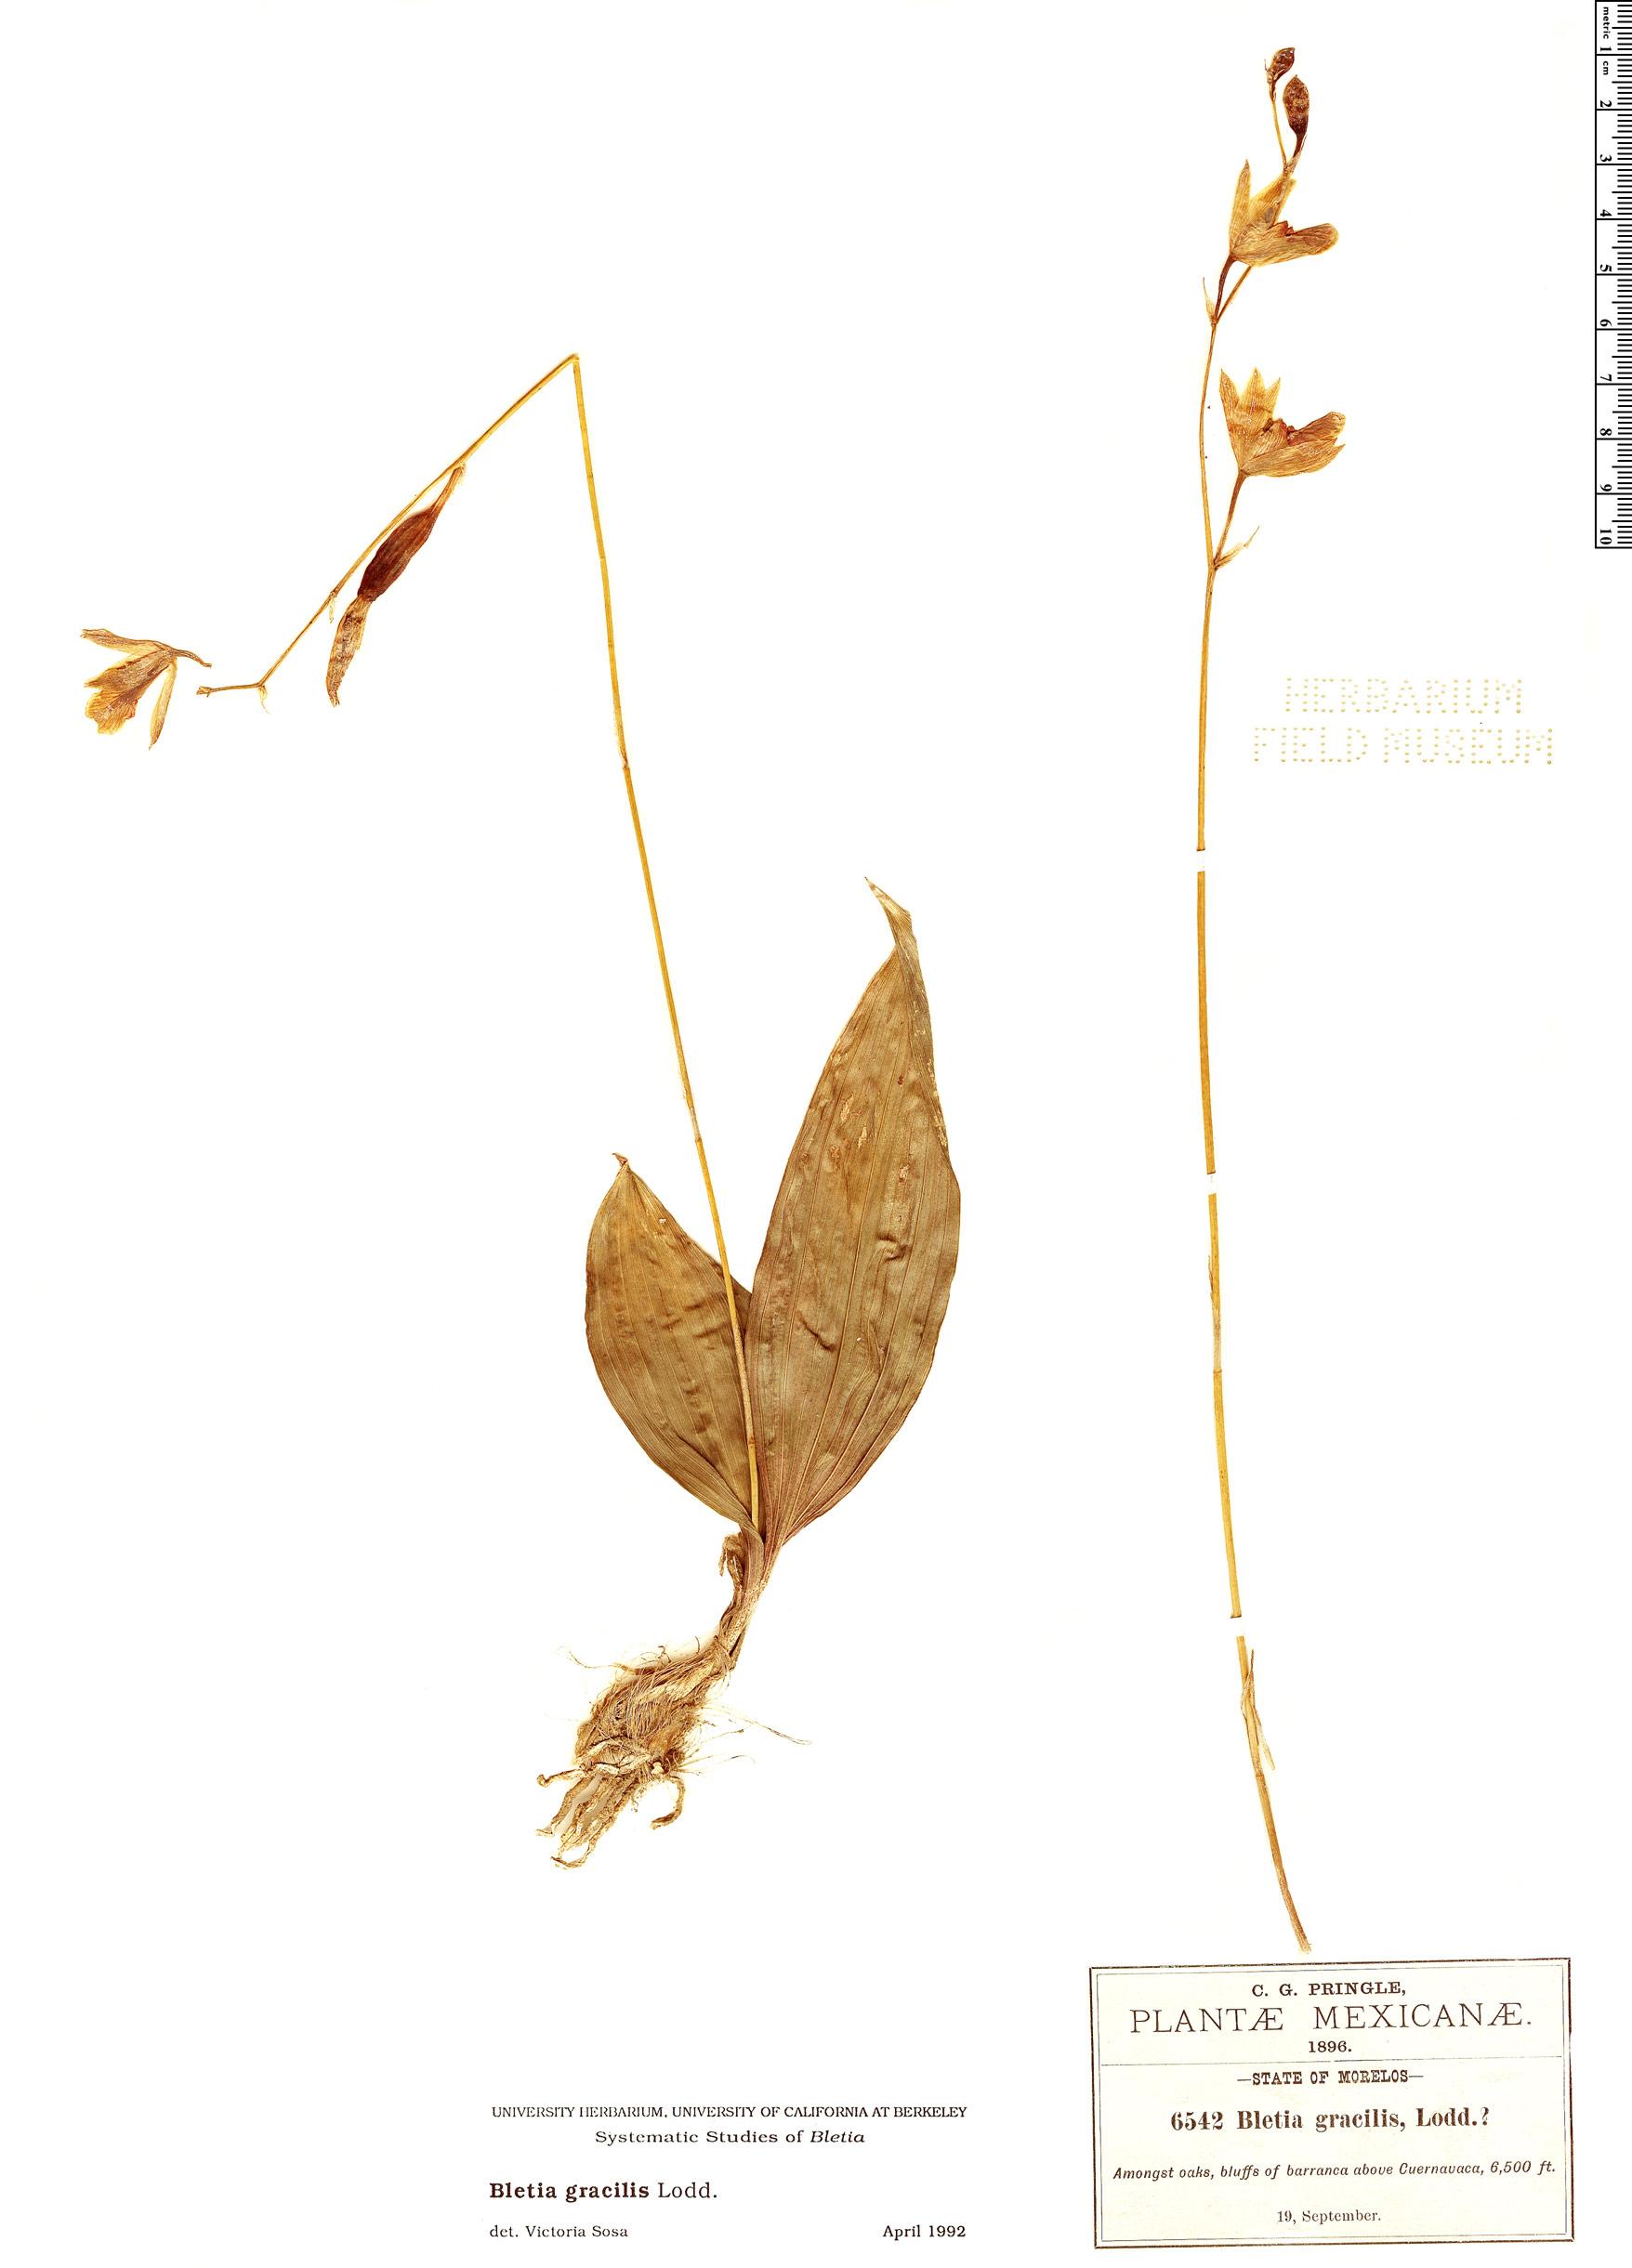 Specimen: Bletia gracilis